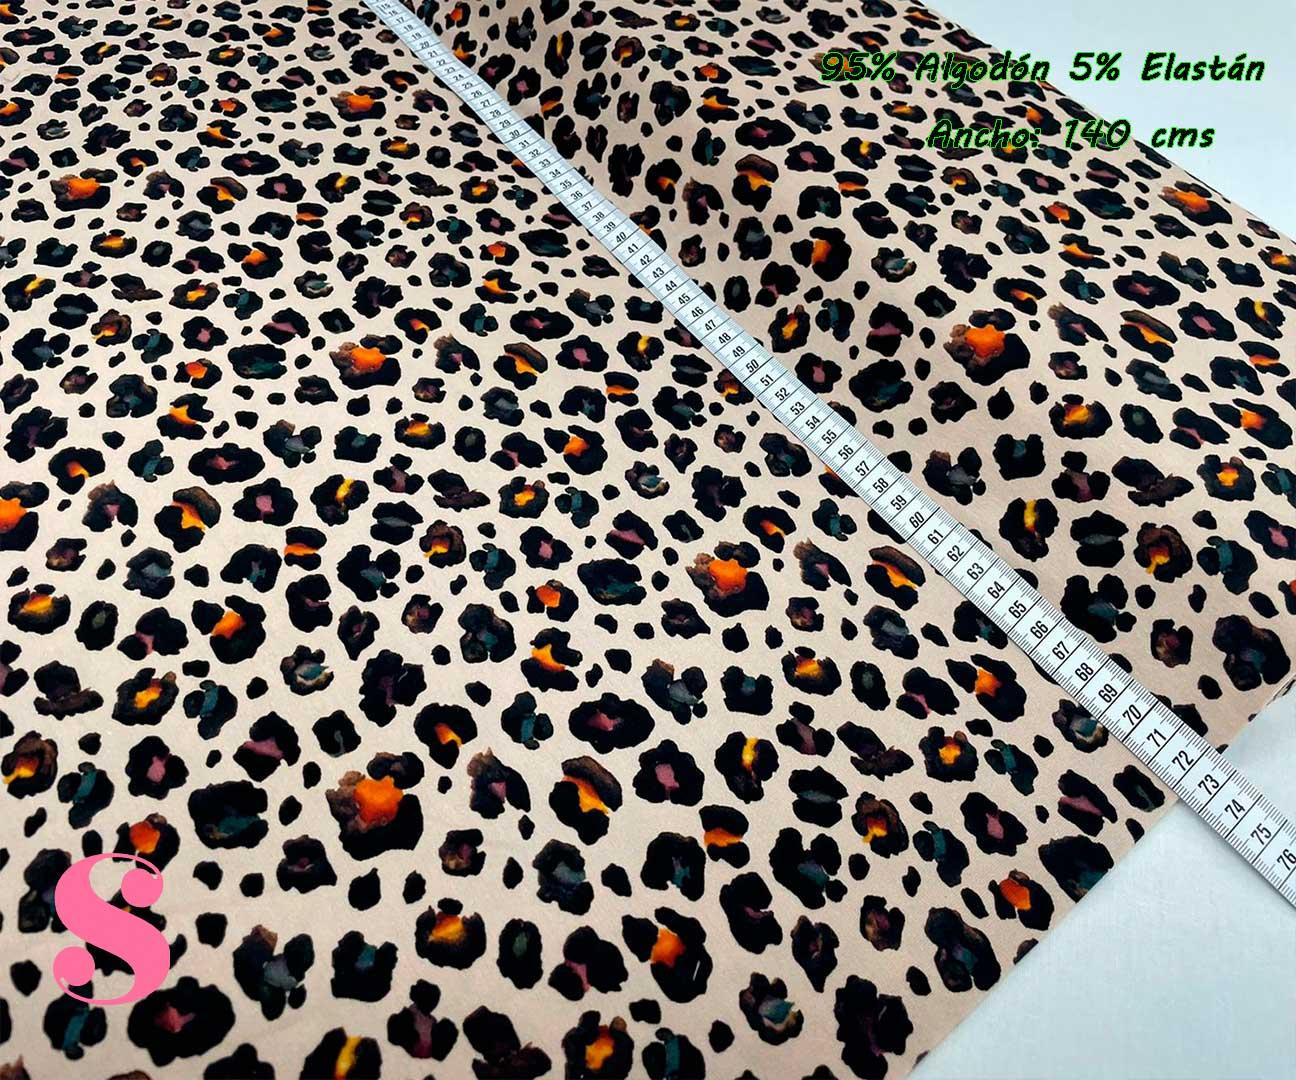 12-telas-de-punto,telas-estampadas-infantiles,tejidos-estampados-para-sudaderas,telas-para-confeccionar-ropa-infantil,Punto Camiseta Jersey Estampado Animal Print